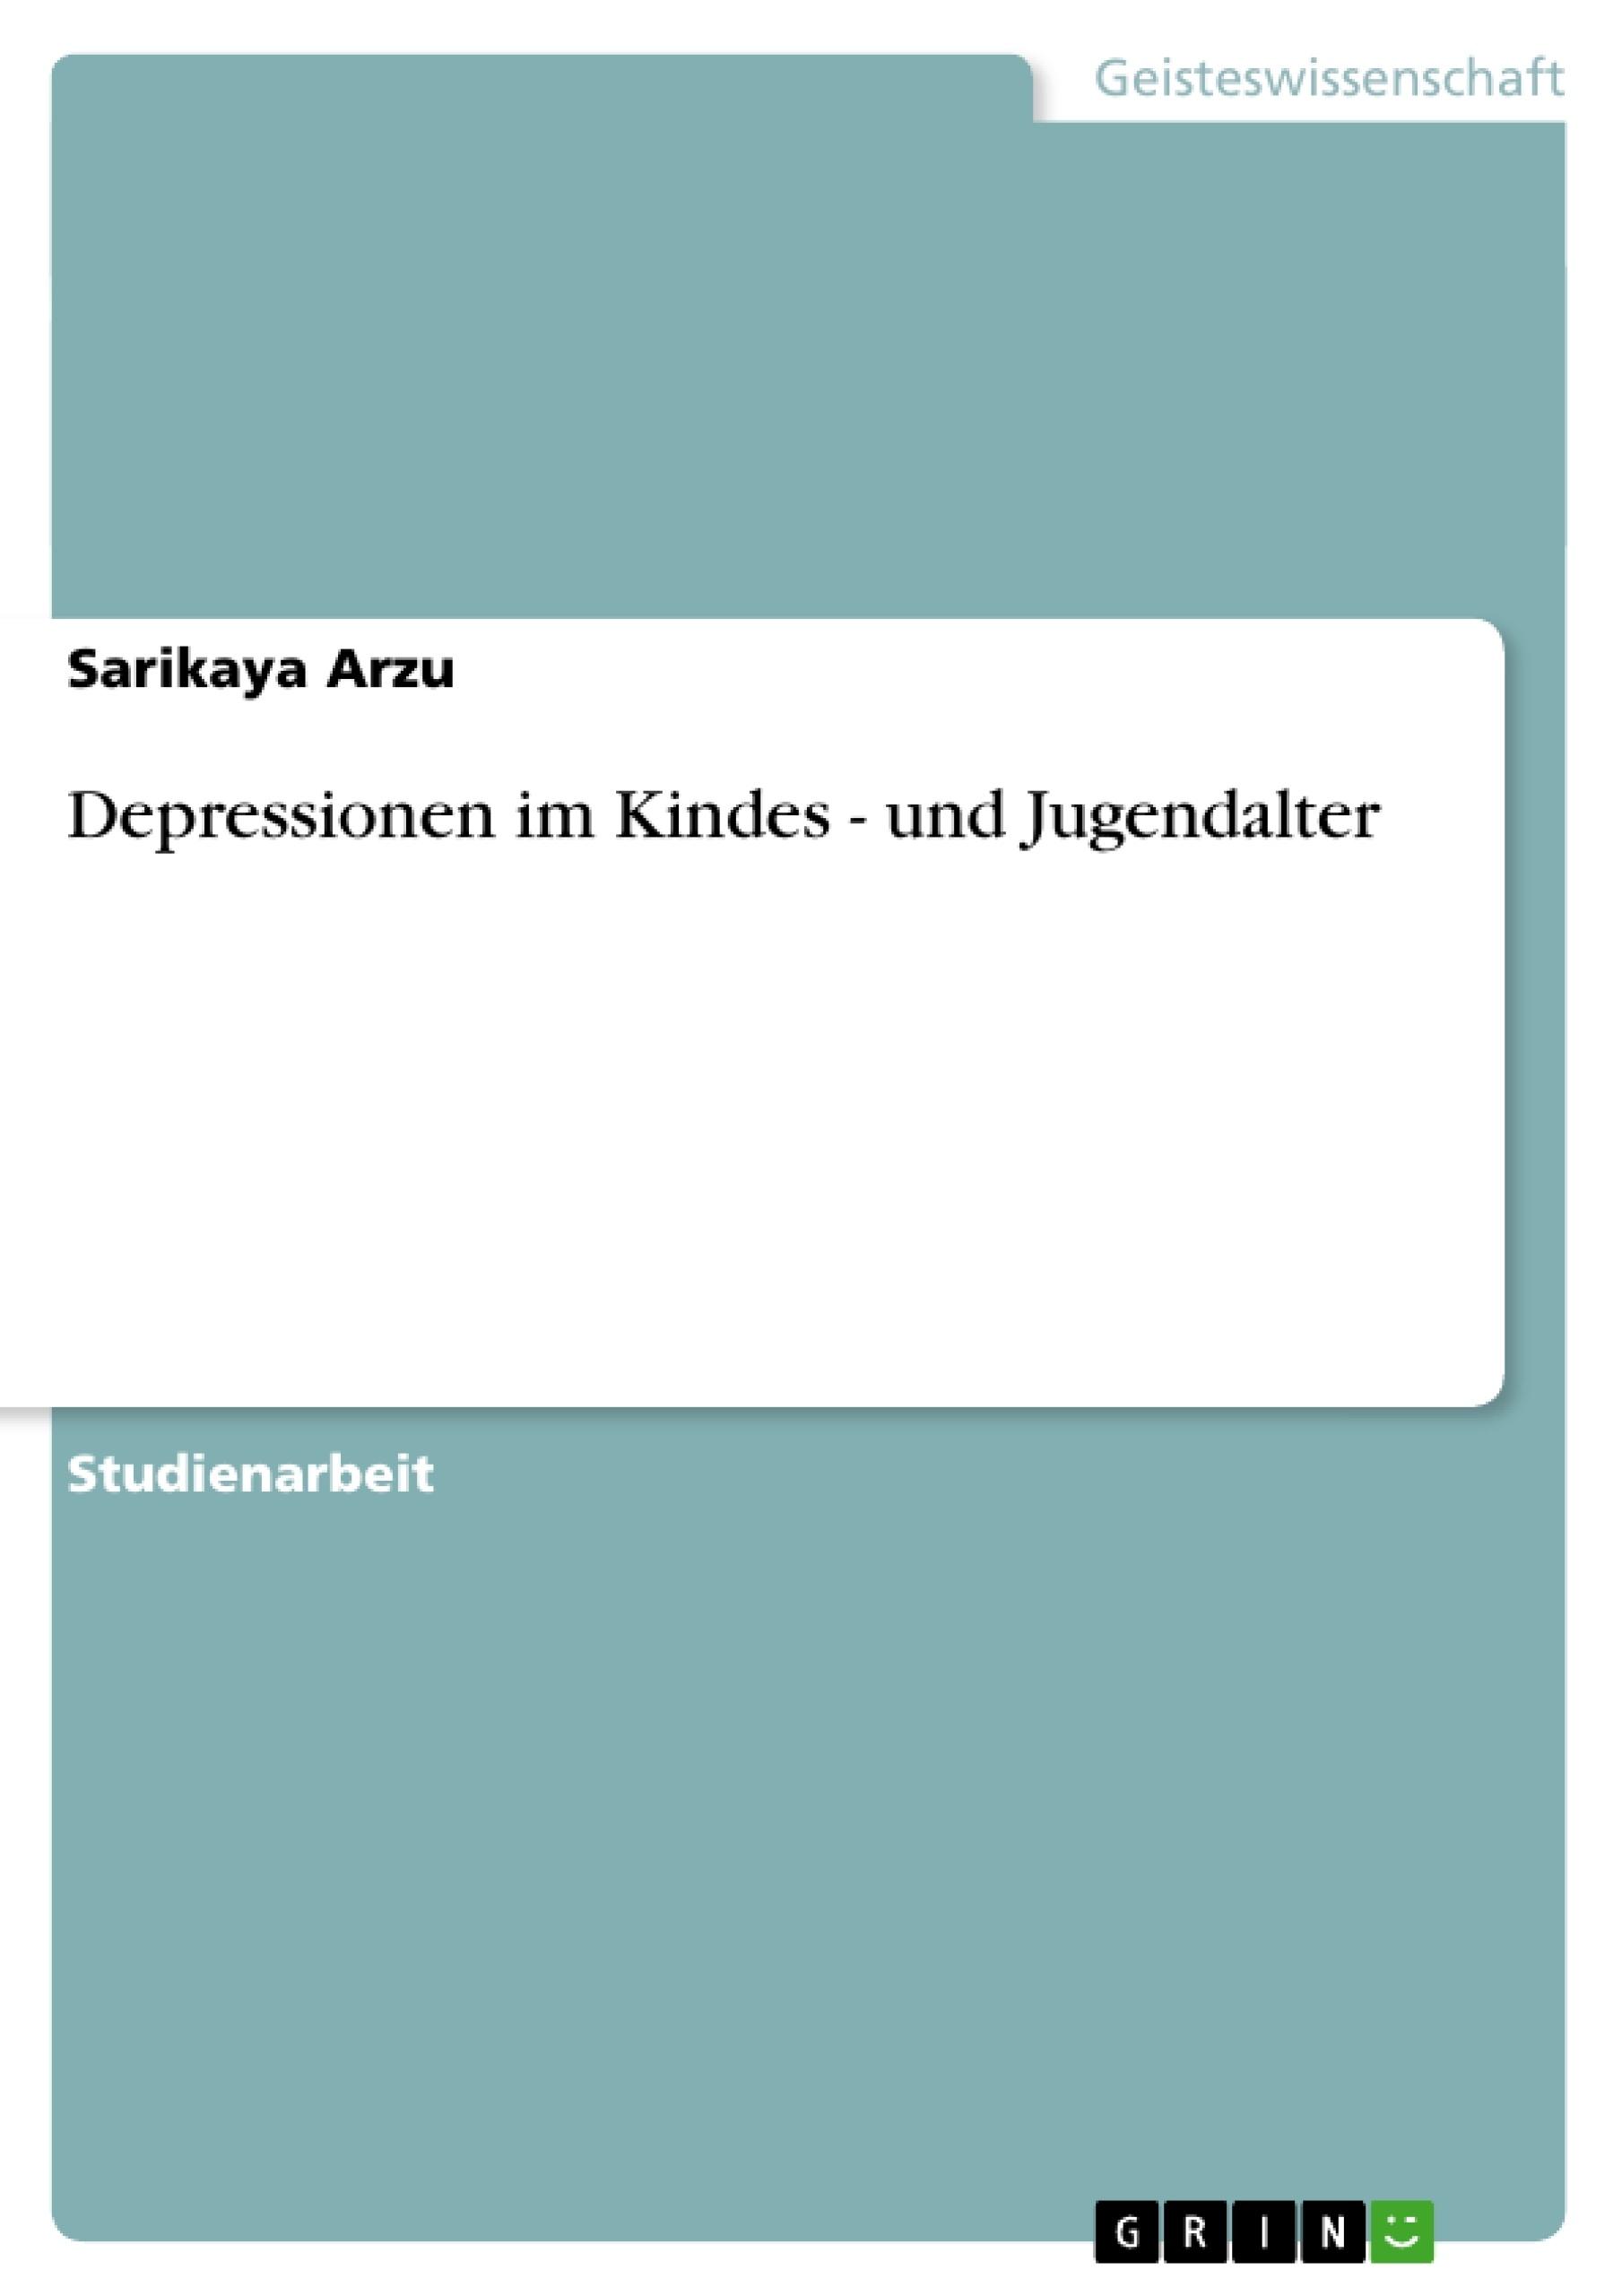 Titel: Depressionen im Kindes - und Jugendalter